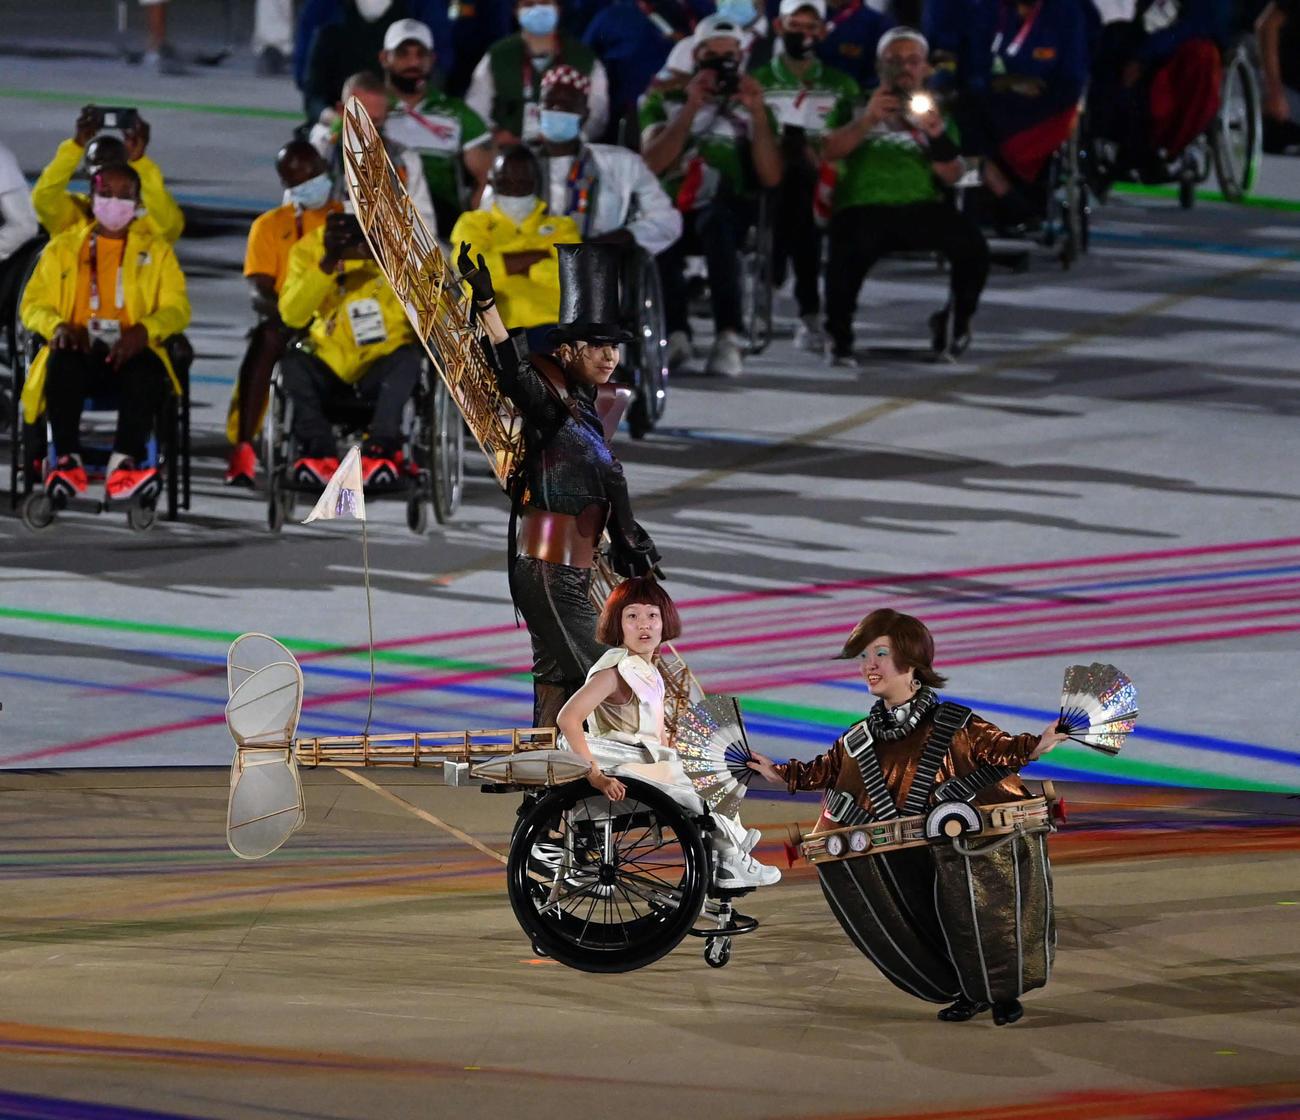 東京パラリンピックの開会式で片翼の飛行機の少女を演じる和合由依さん(撮影・山崎安昭)